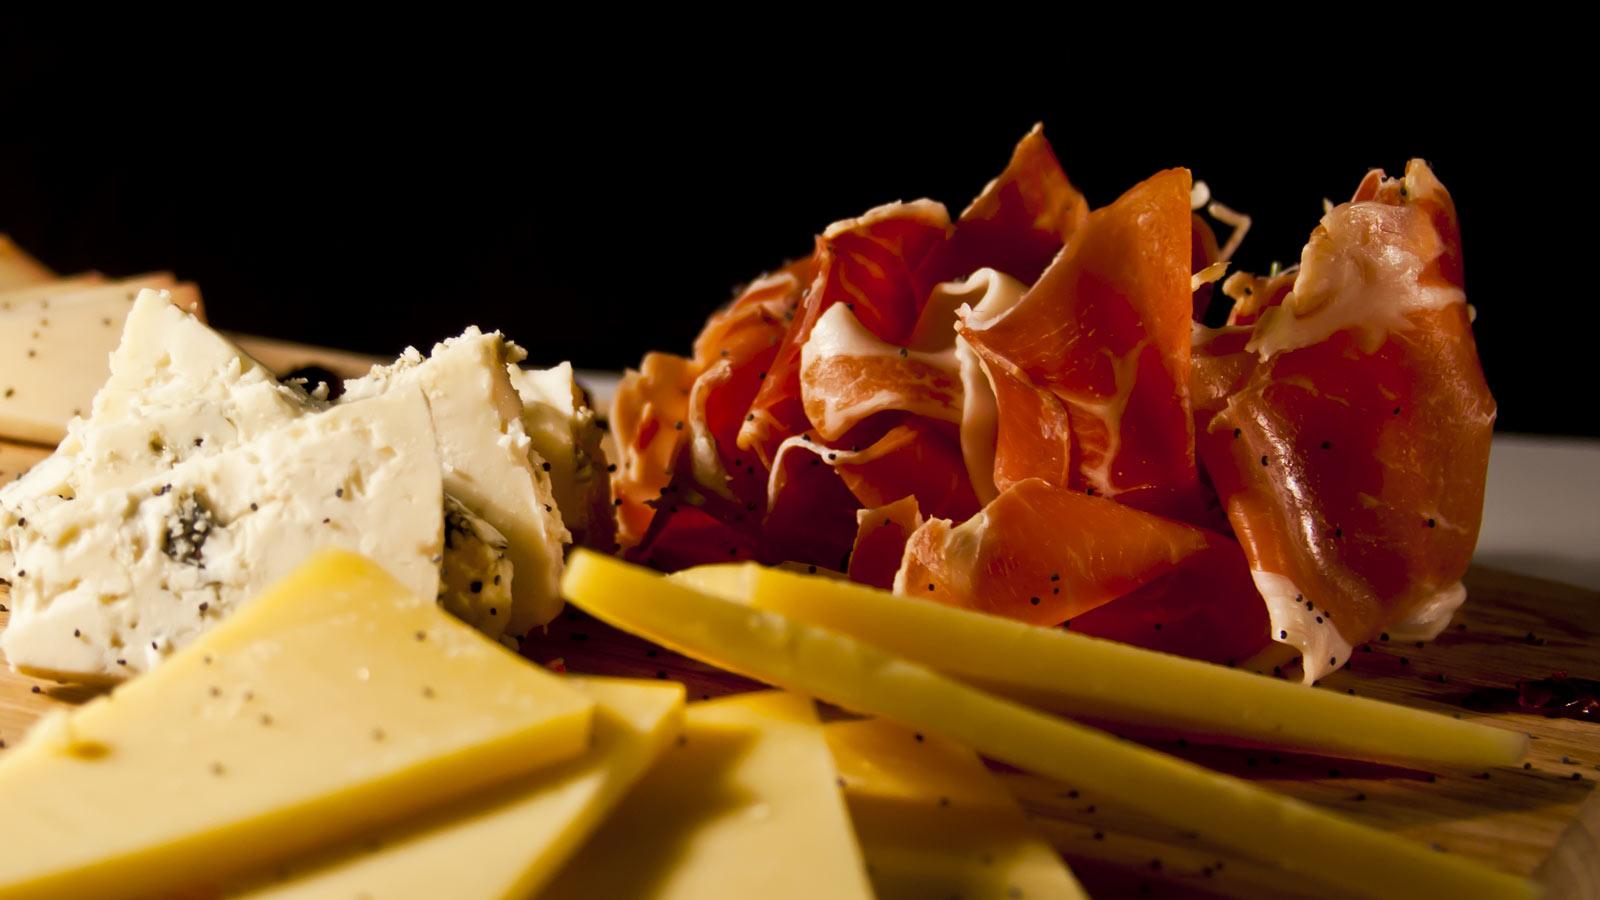 Jamón 5J Bellota 100% Ibérico y queso Manchego en Casino Gran Vía, Madrid.